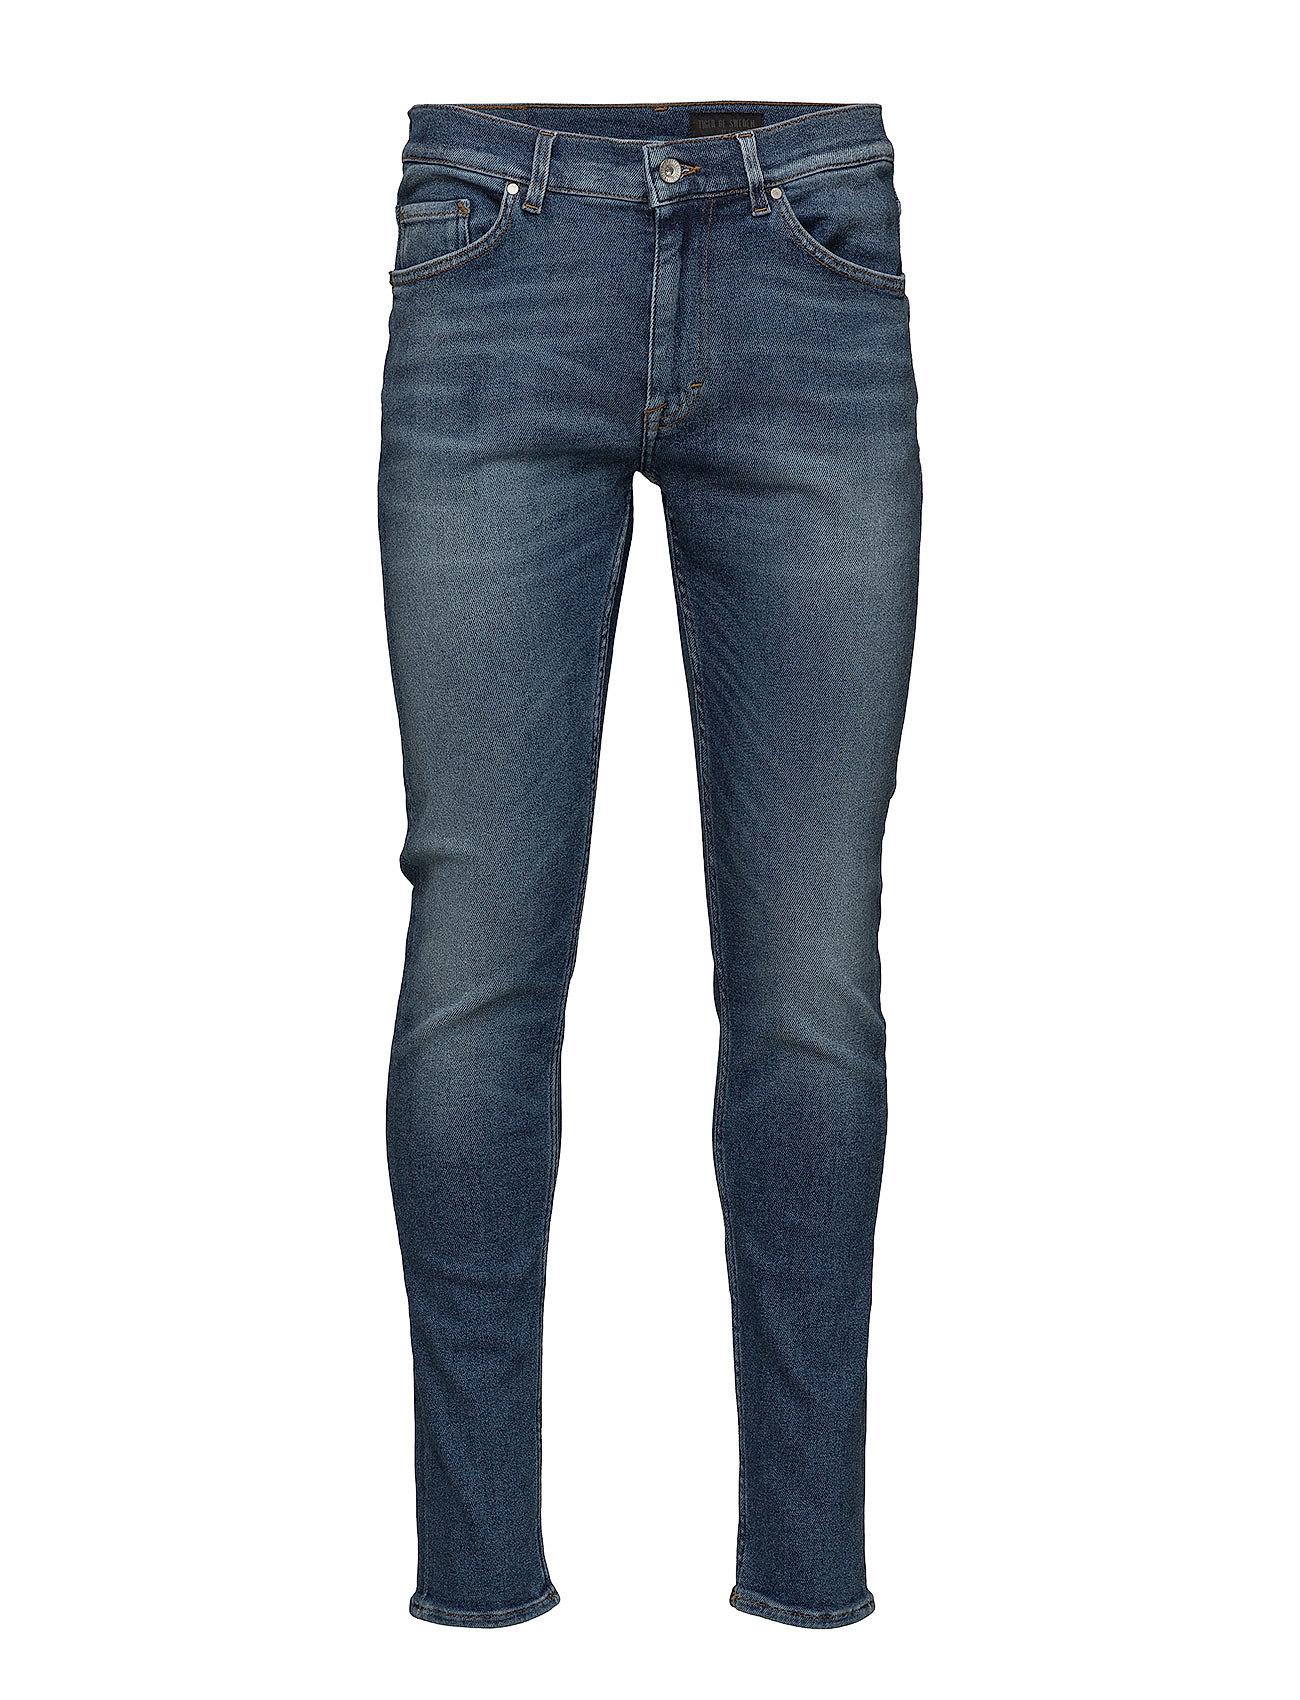 Tiger of Sweden Jeans EVOLVE - DUST BLUE